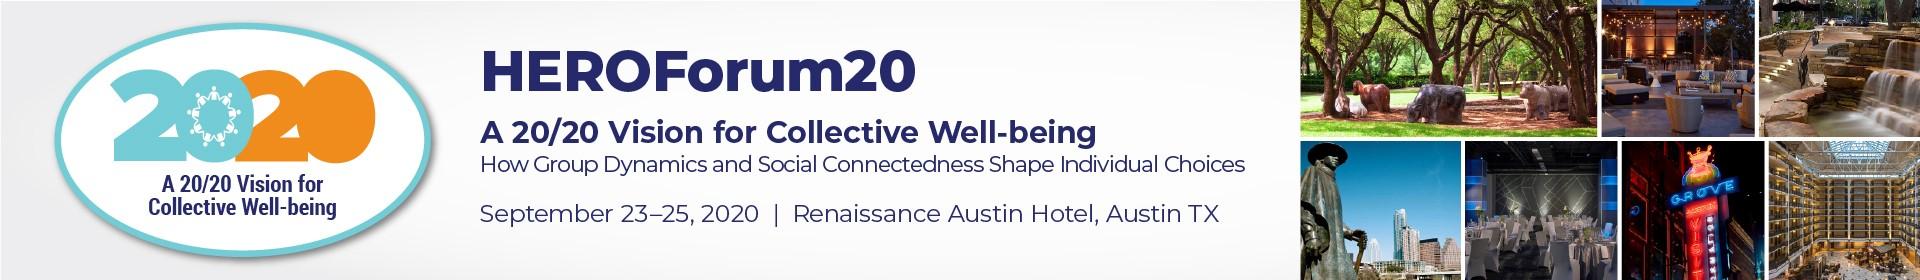 HEROForum20 Event Banner